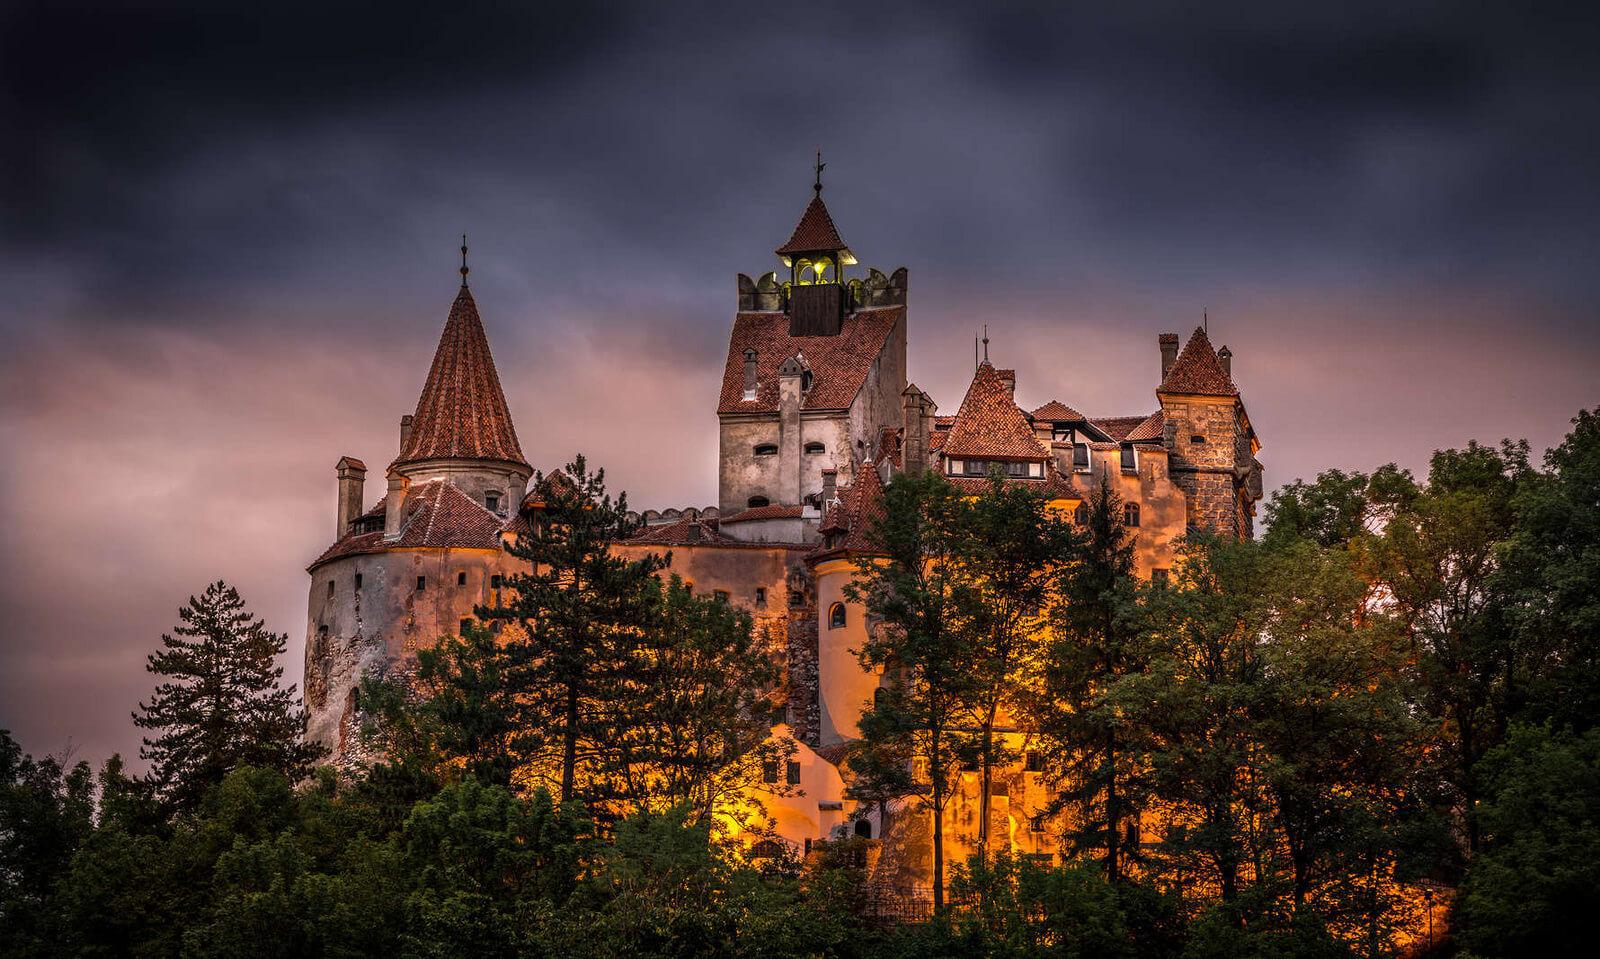 Выходные в Румынии: замки, Дракула (без Бухареста)!